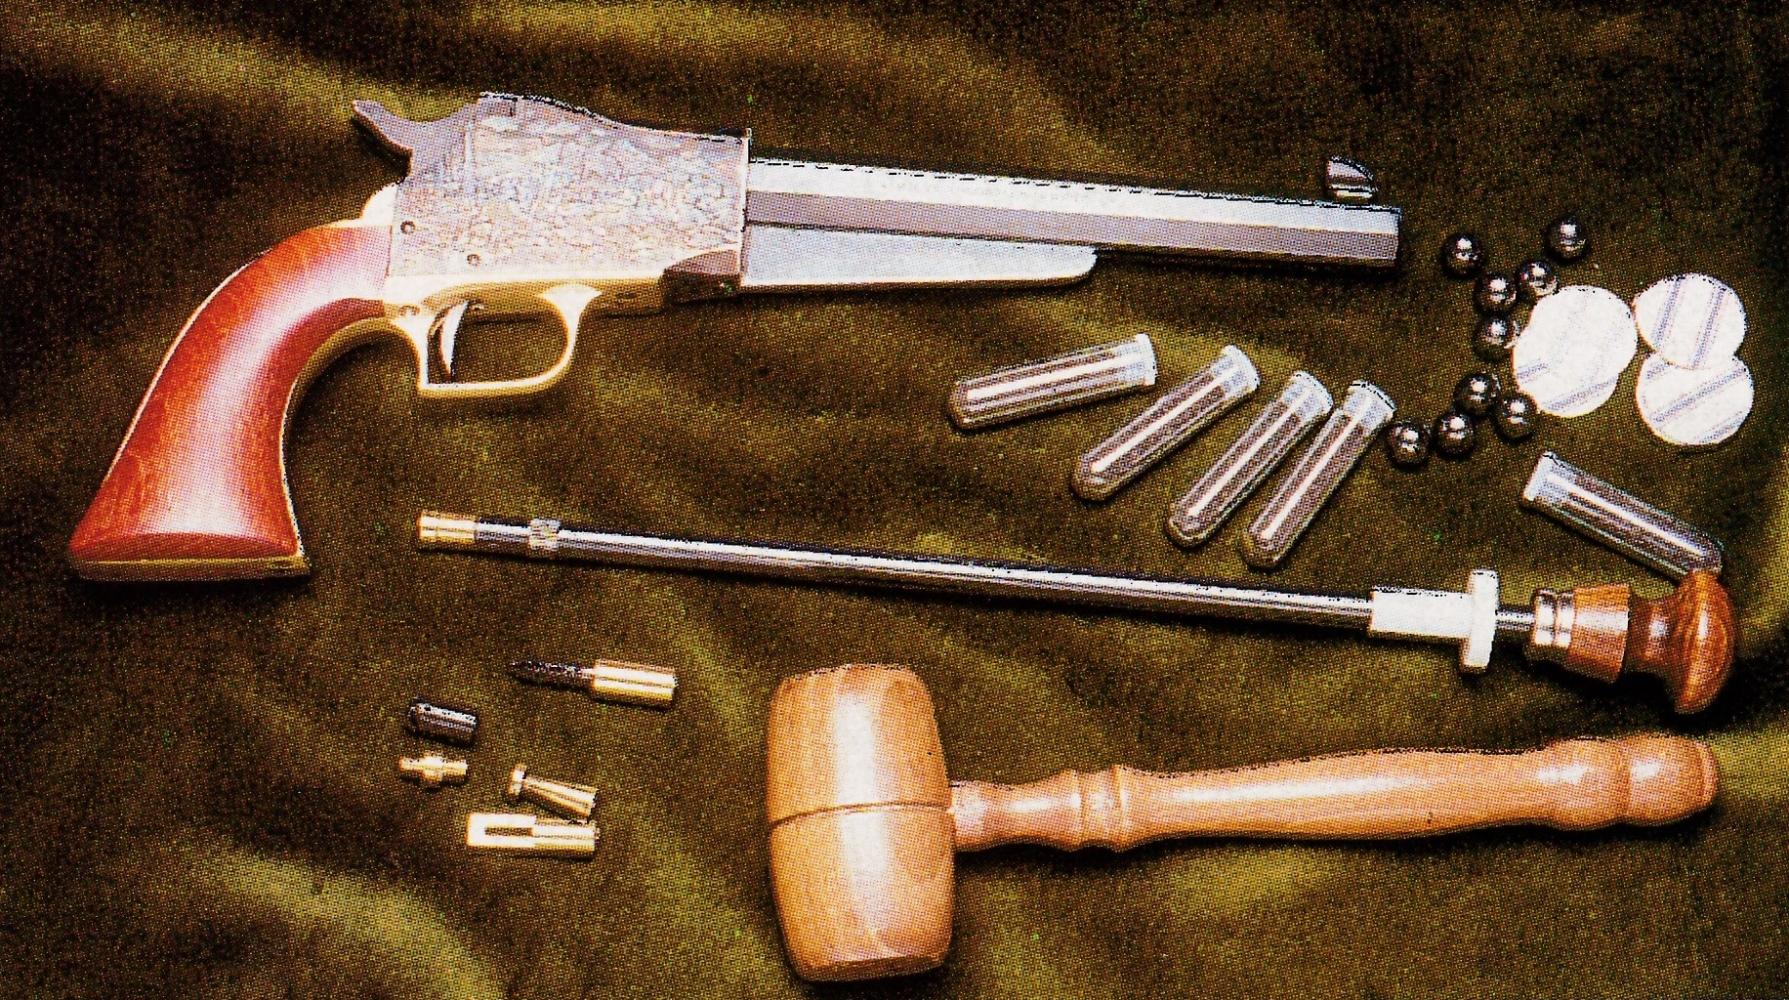 L'arme n'en possédant pas, il est indispensable de se doter d'une baguette pour le chargement.